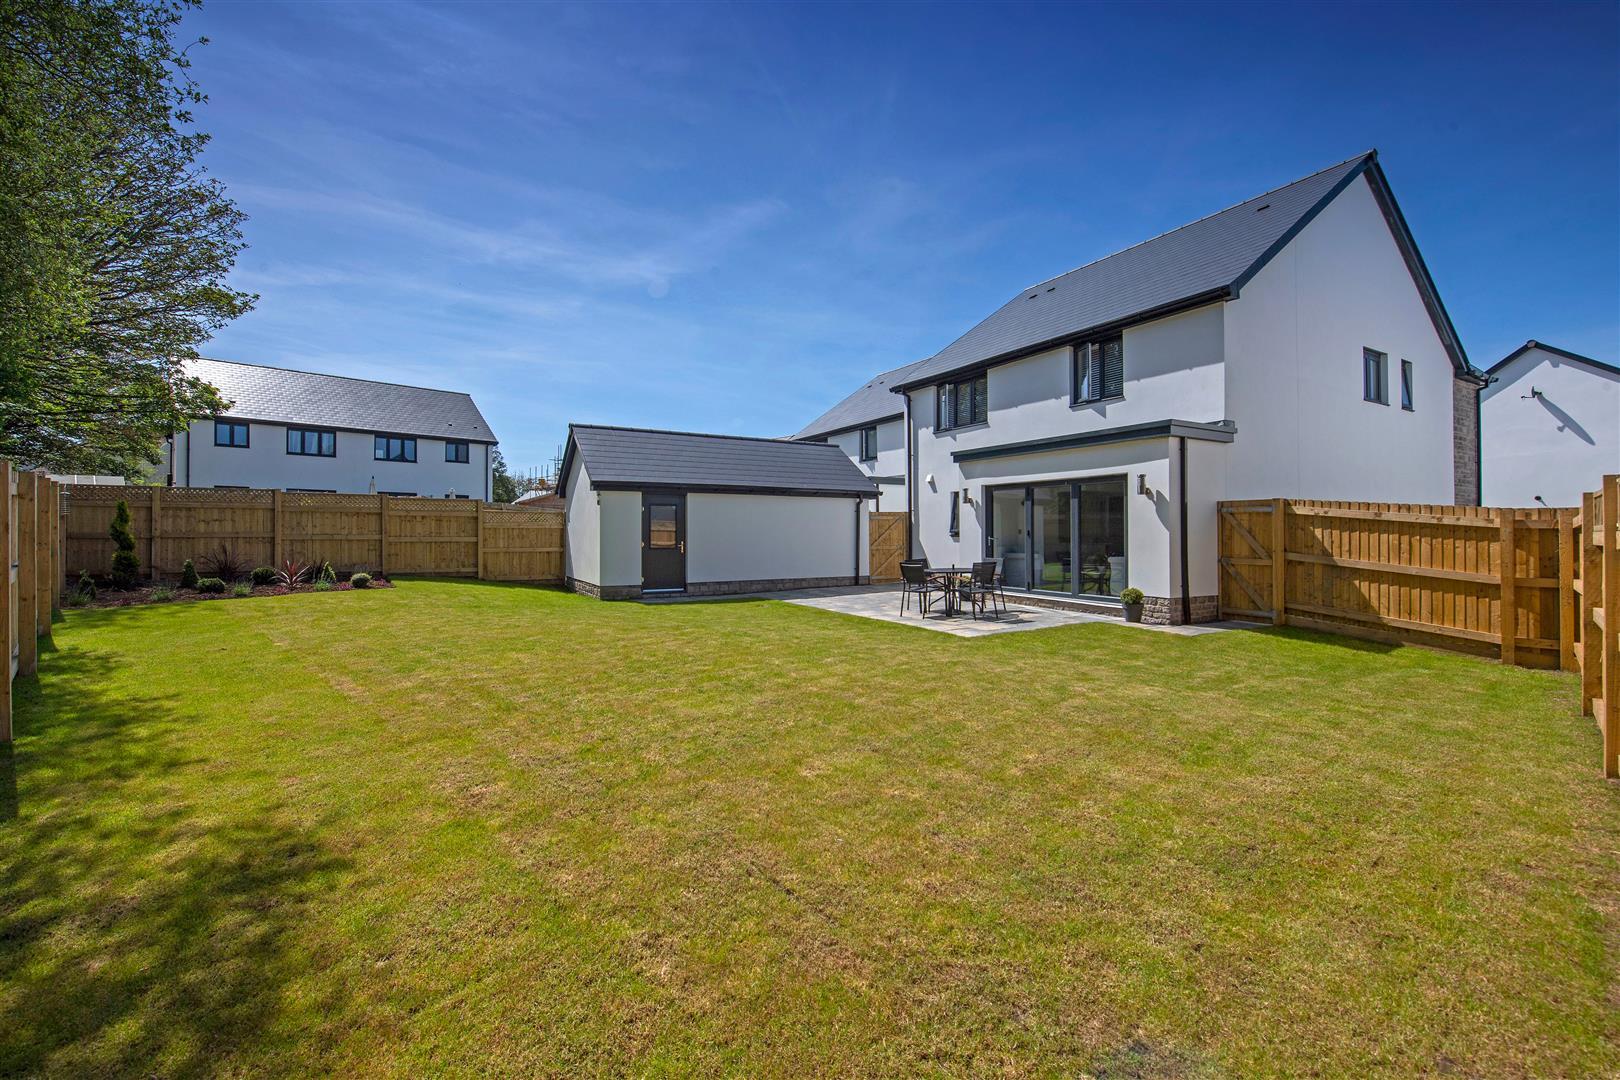 Allchurch Gardens, Newton, Swansea, SA3 4BS